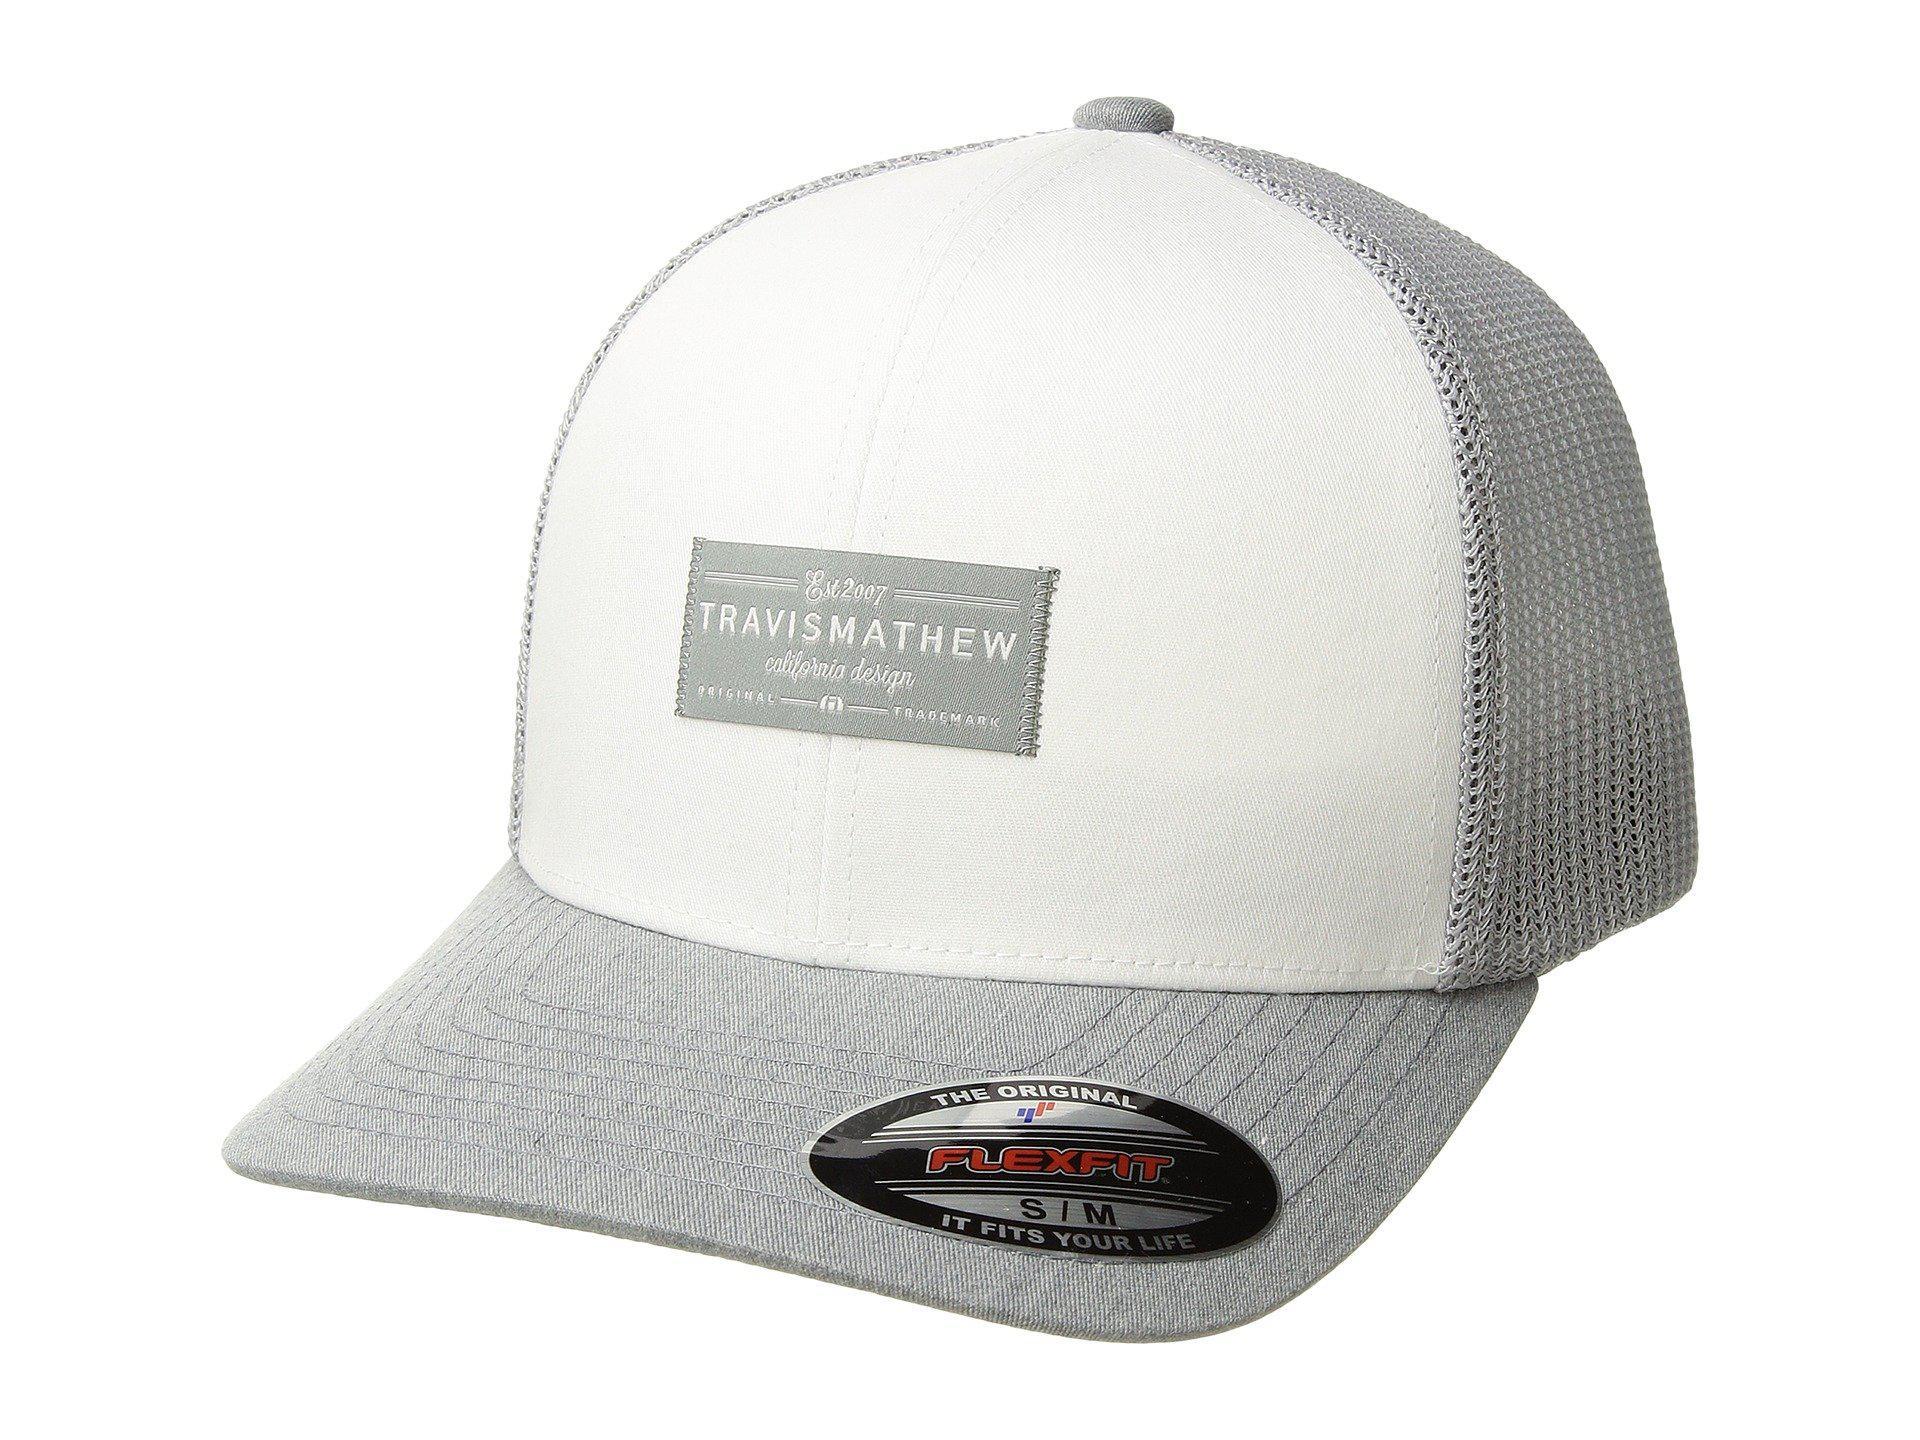 on sale 8d5cc e05bd ... spain lyst travis mathew zigrat white caps in white for men 628de c1237